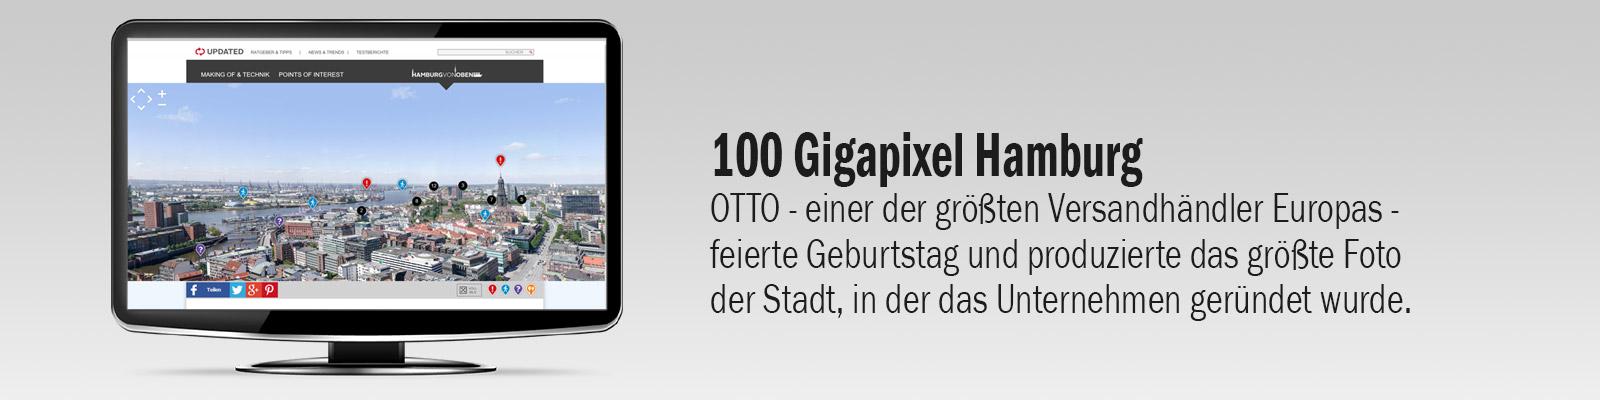 100 Gigapixe Bild von Hamburg für den Kunden Otto